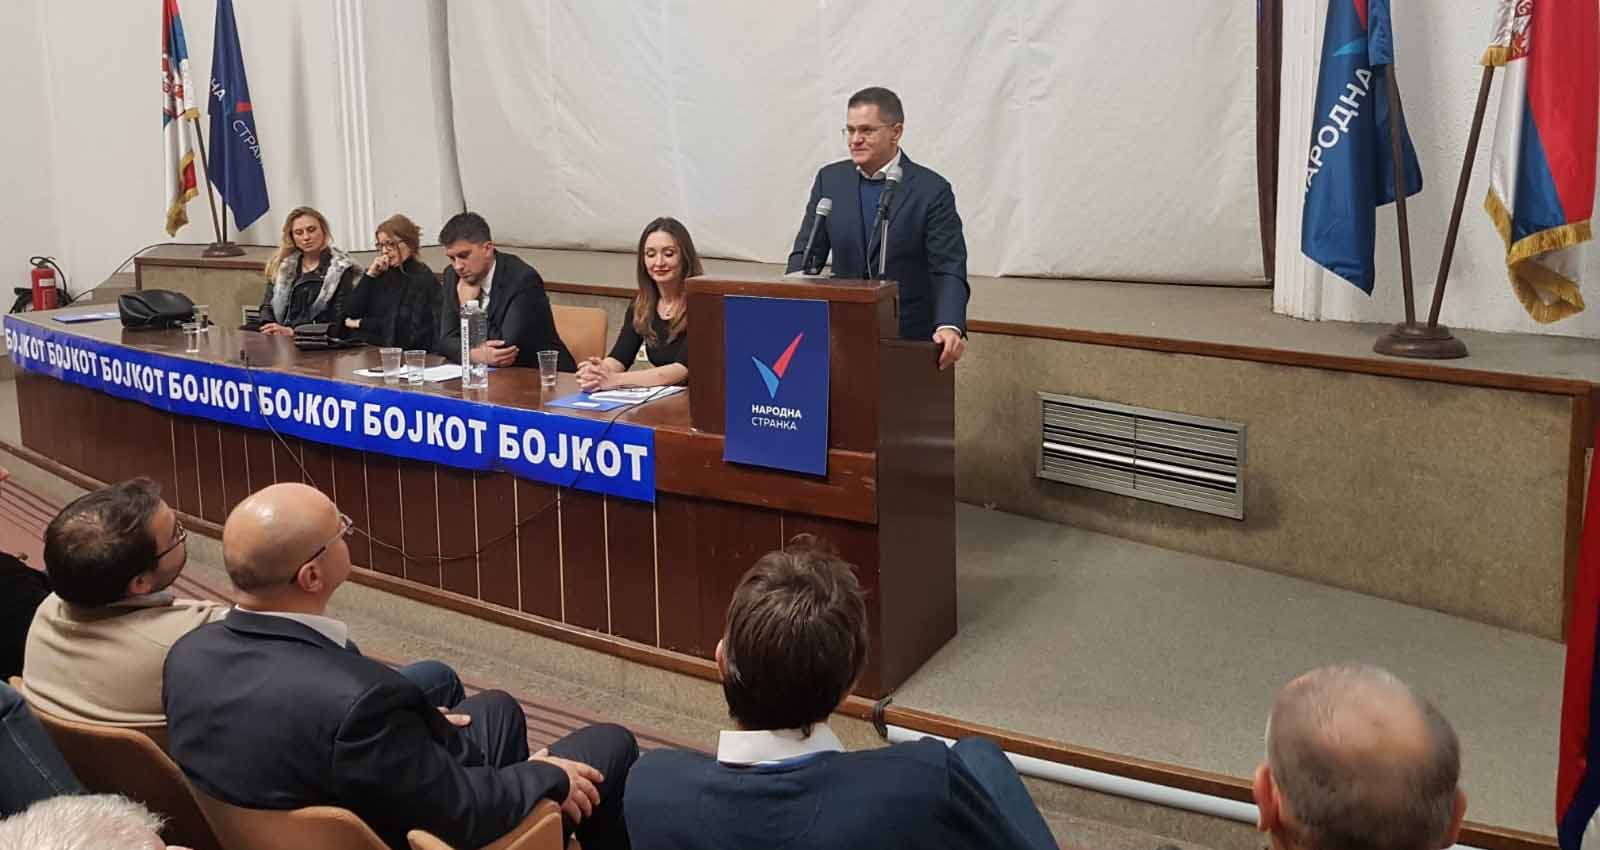 Нови Сад: Обележено годину дана од оснивања Градског одбора Народне странке